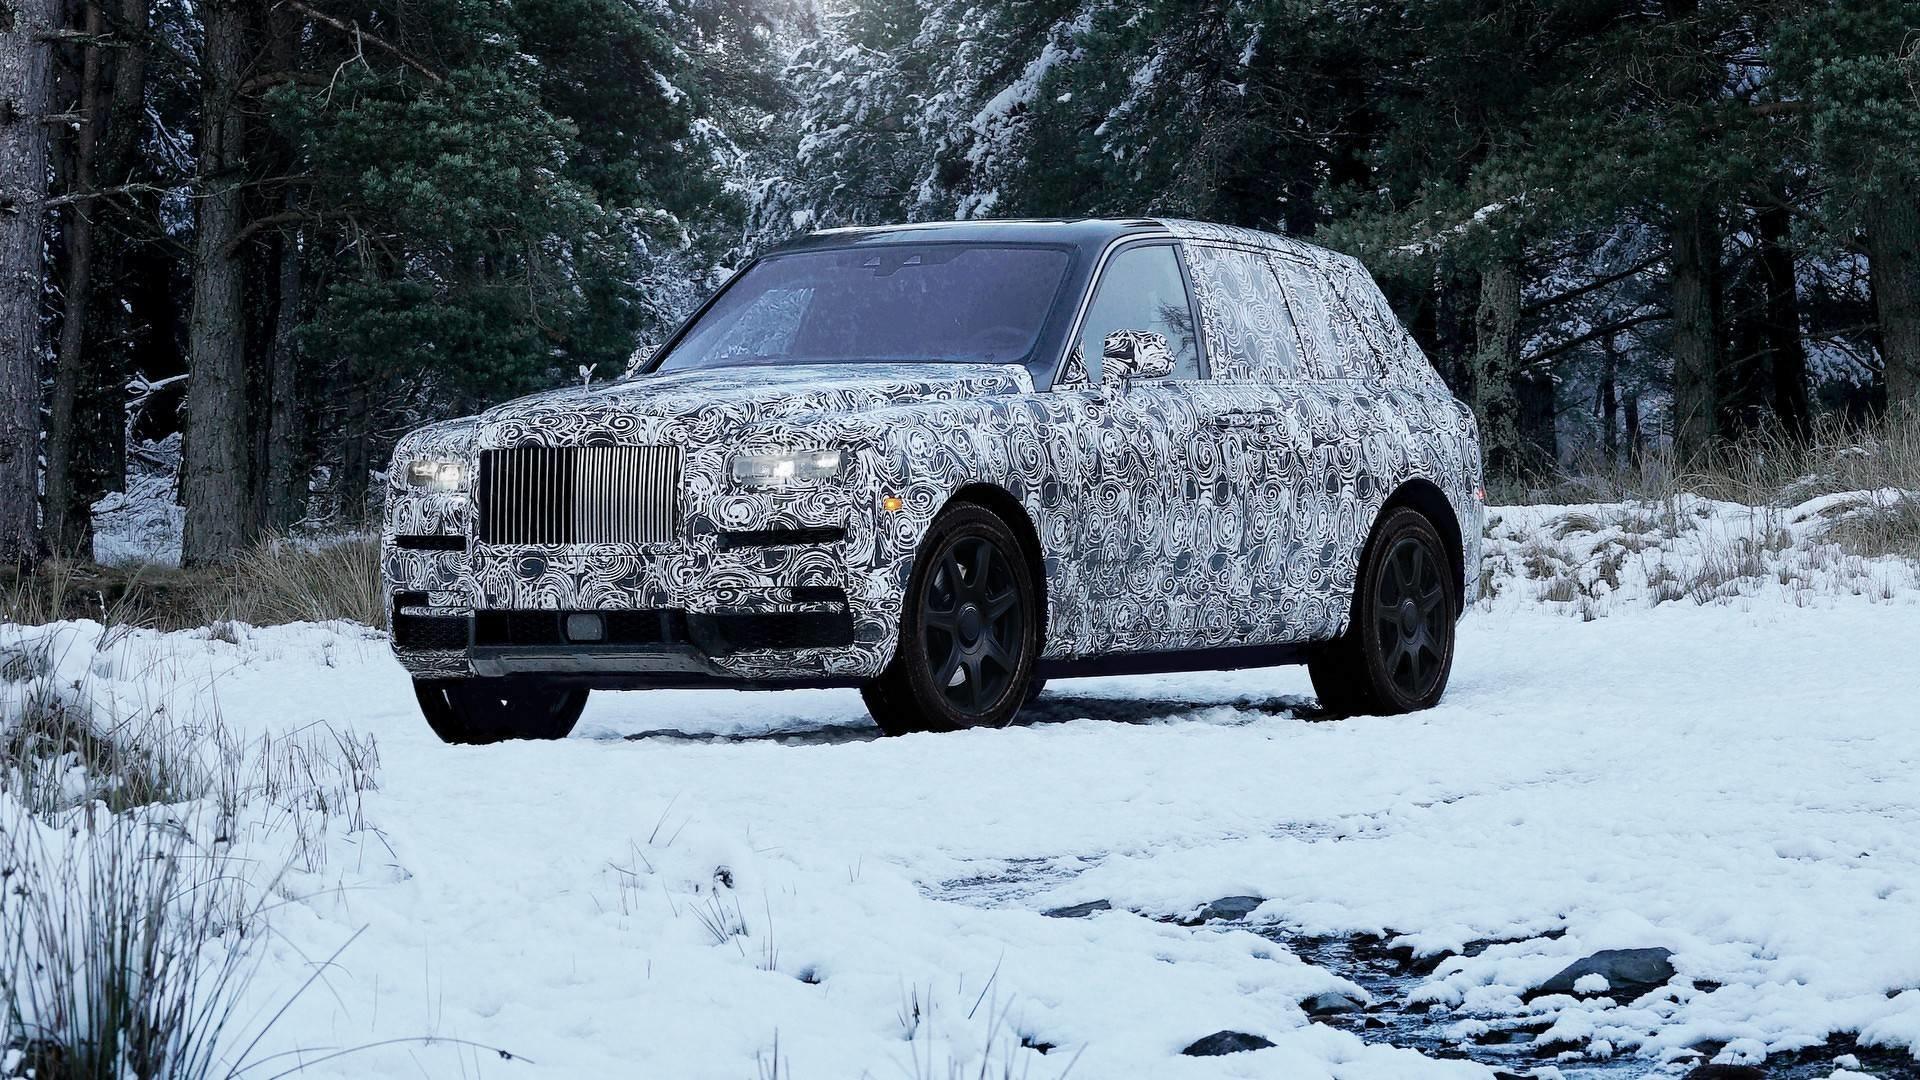 Konec spekulacím! Nejluxusnější SUV světa opravdu ponese jméno Rolls-Royce  Cullinan  385b07653a